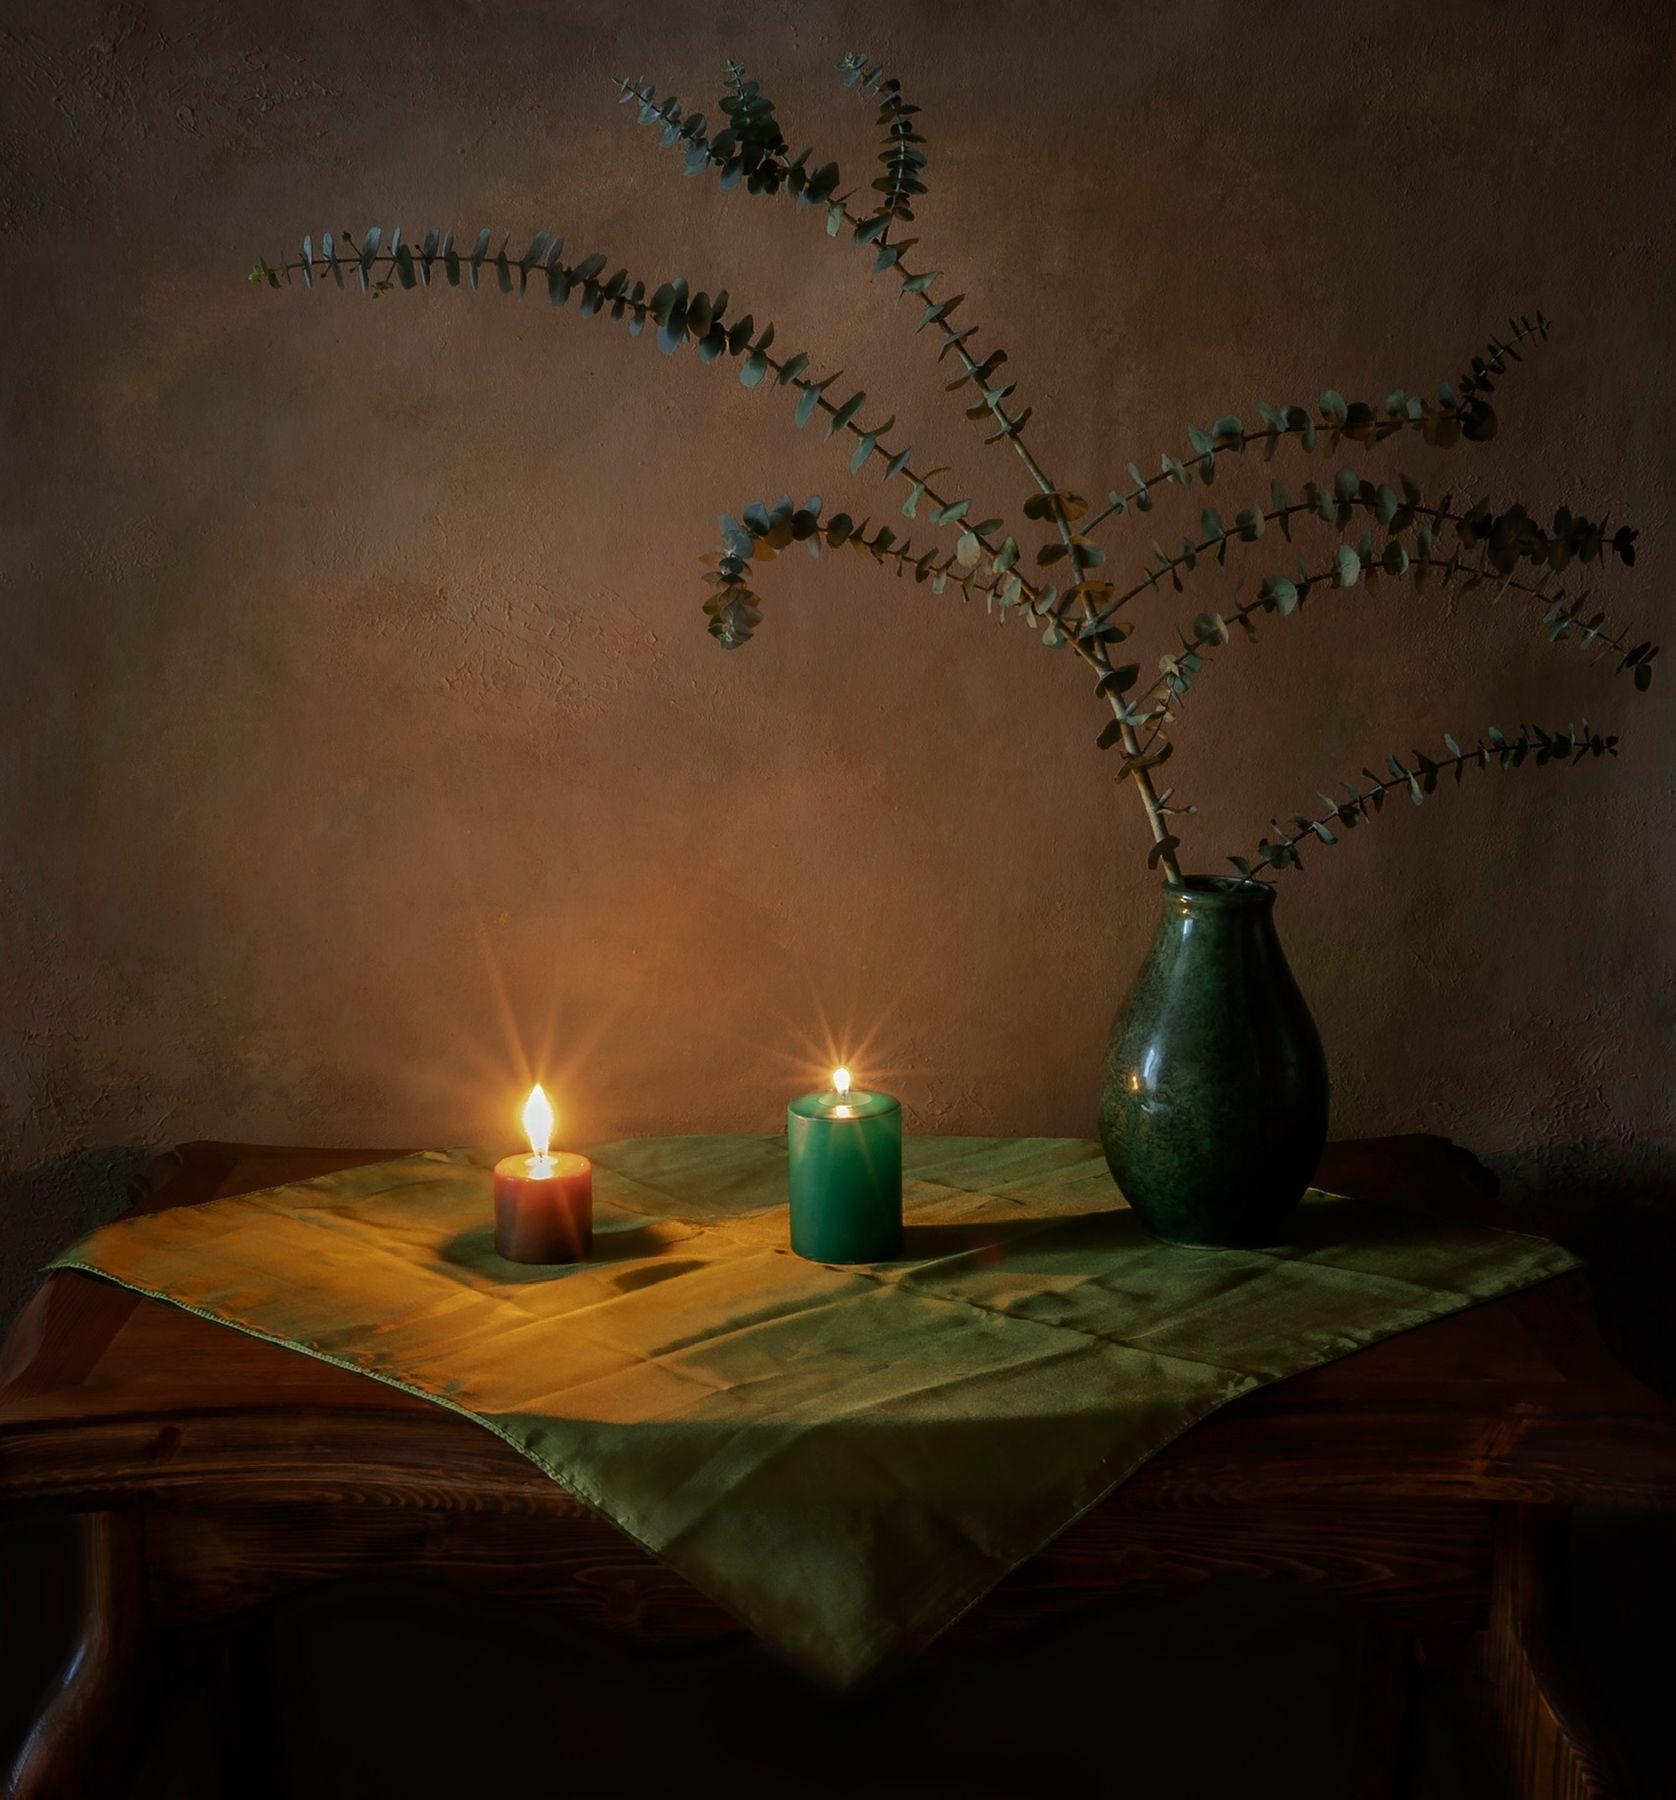 При свечах. ваза ветка свечи зелёный тон салфетка вечер блики лучики